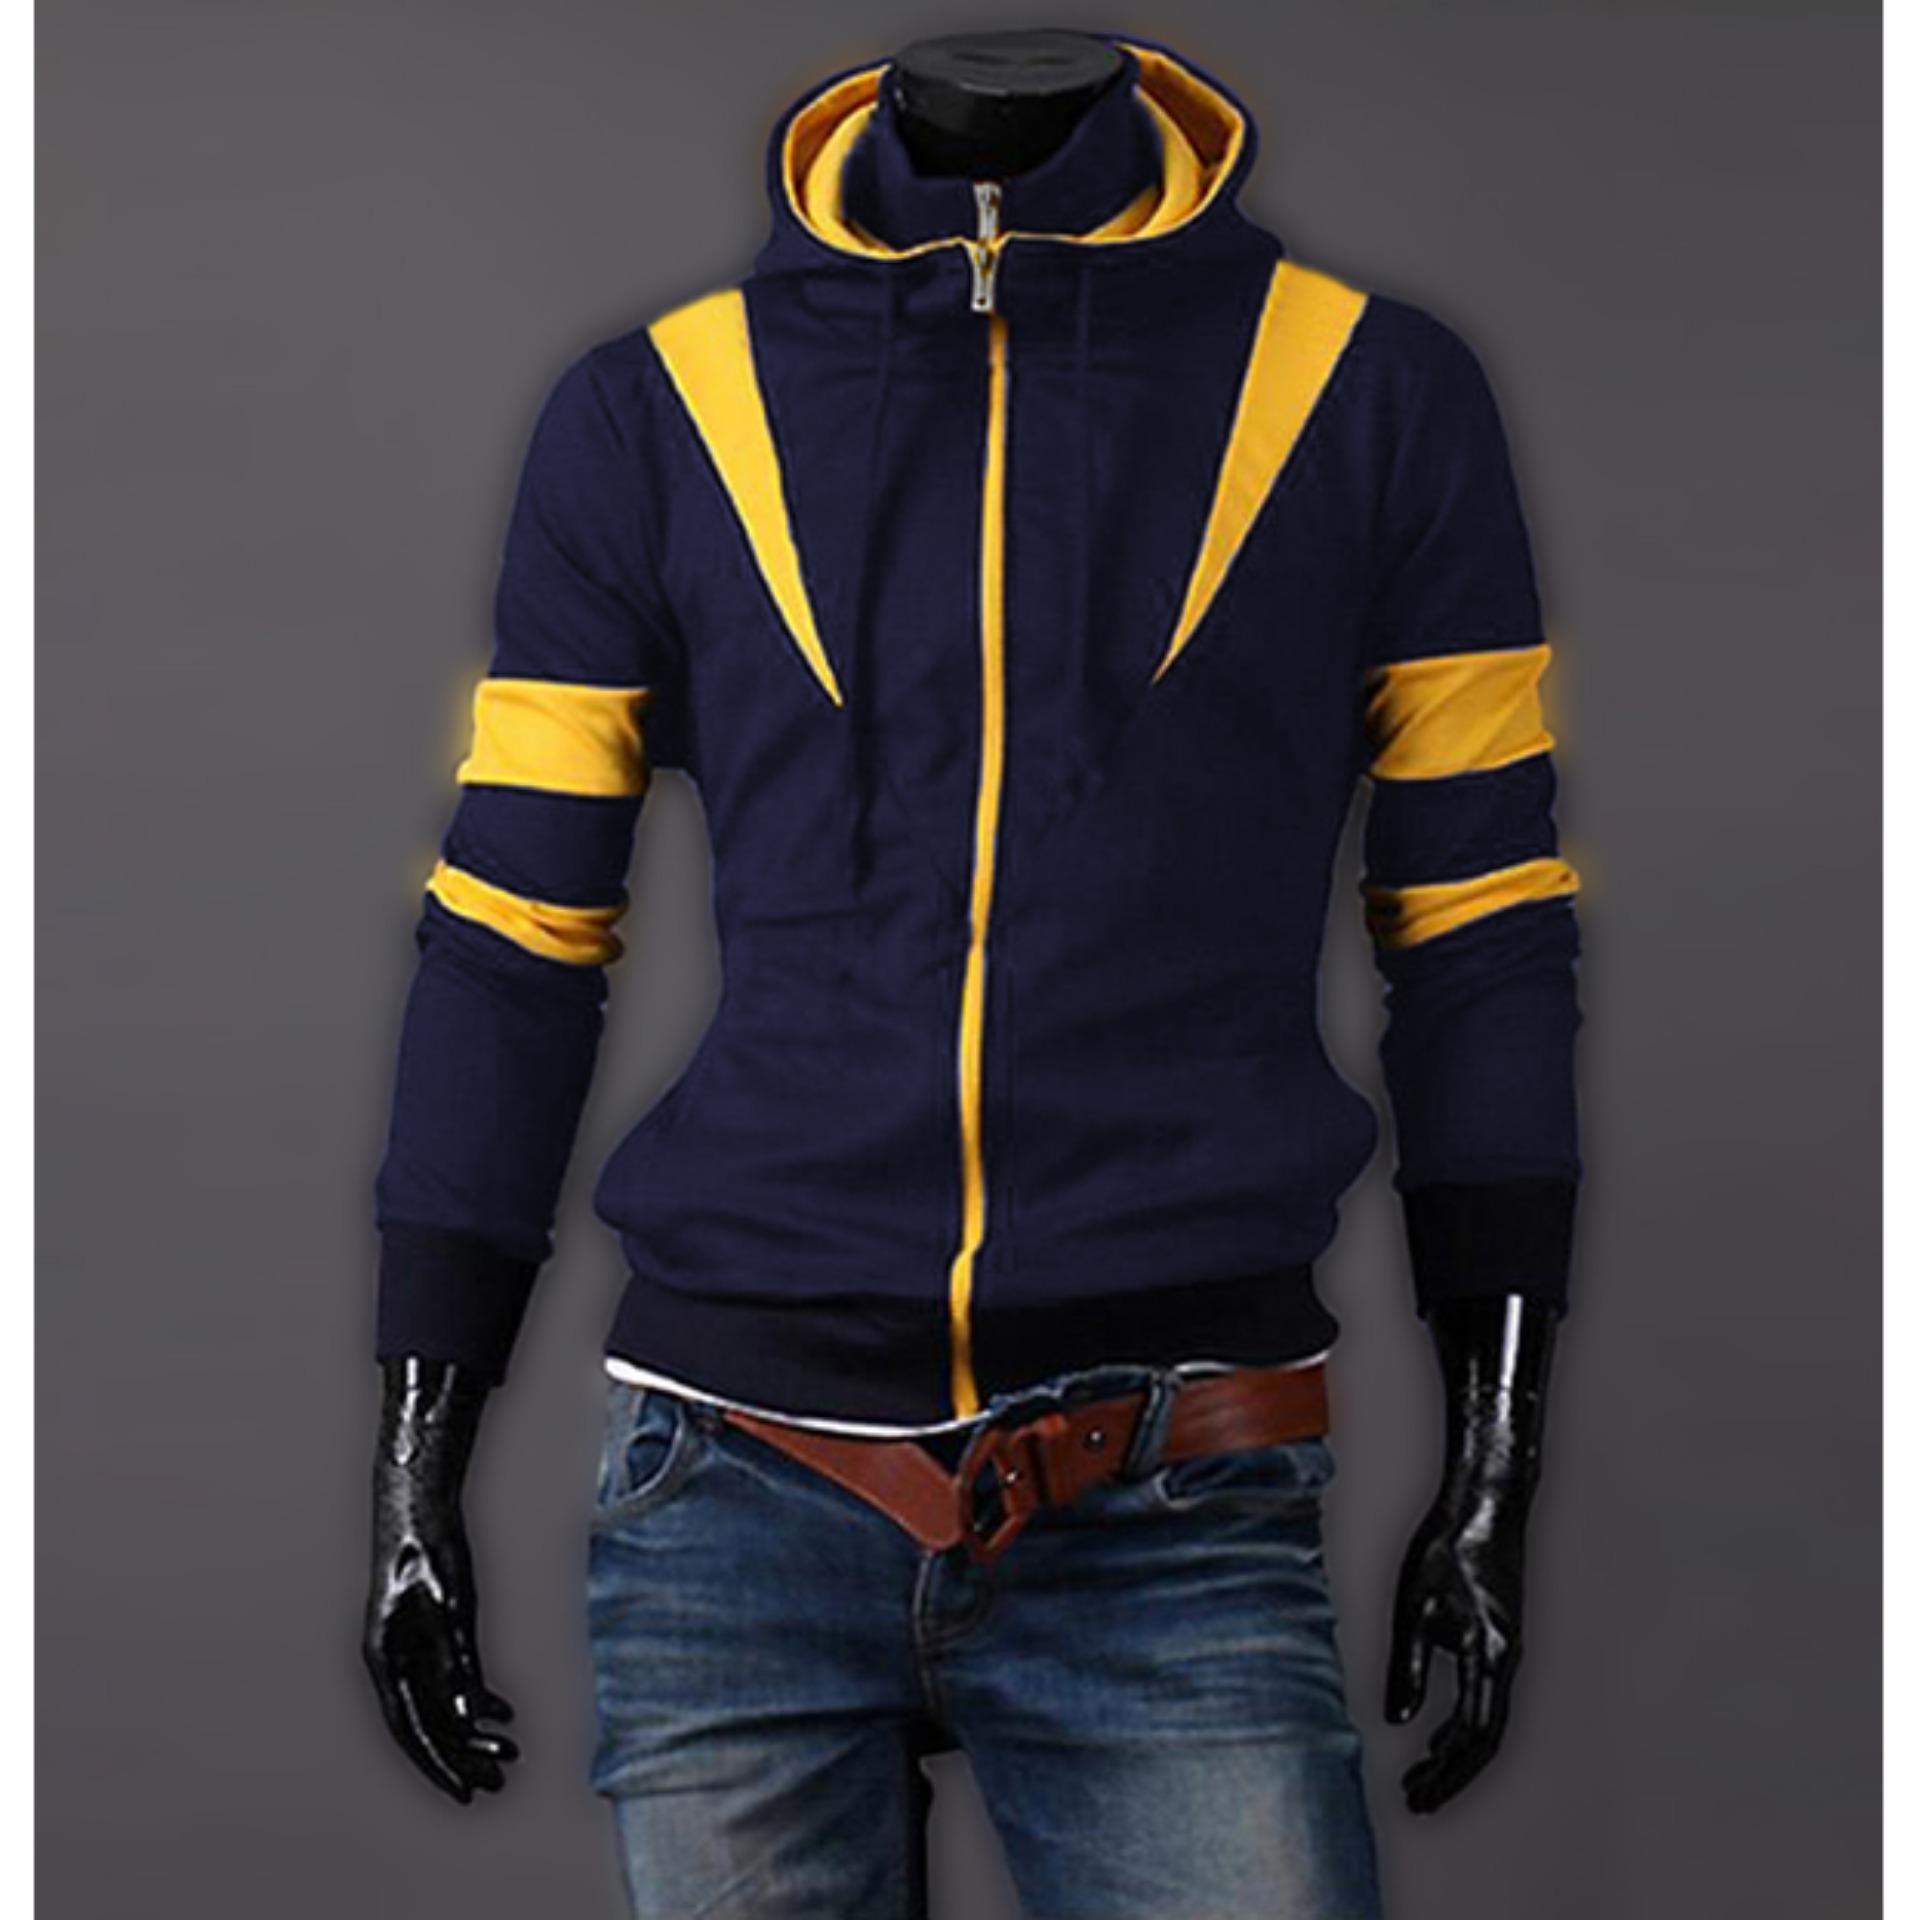 Áo khoác nam 2 dây kéo phối màu